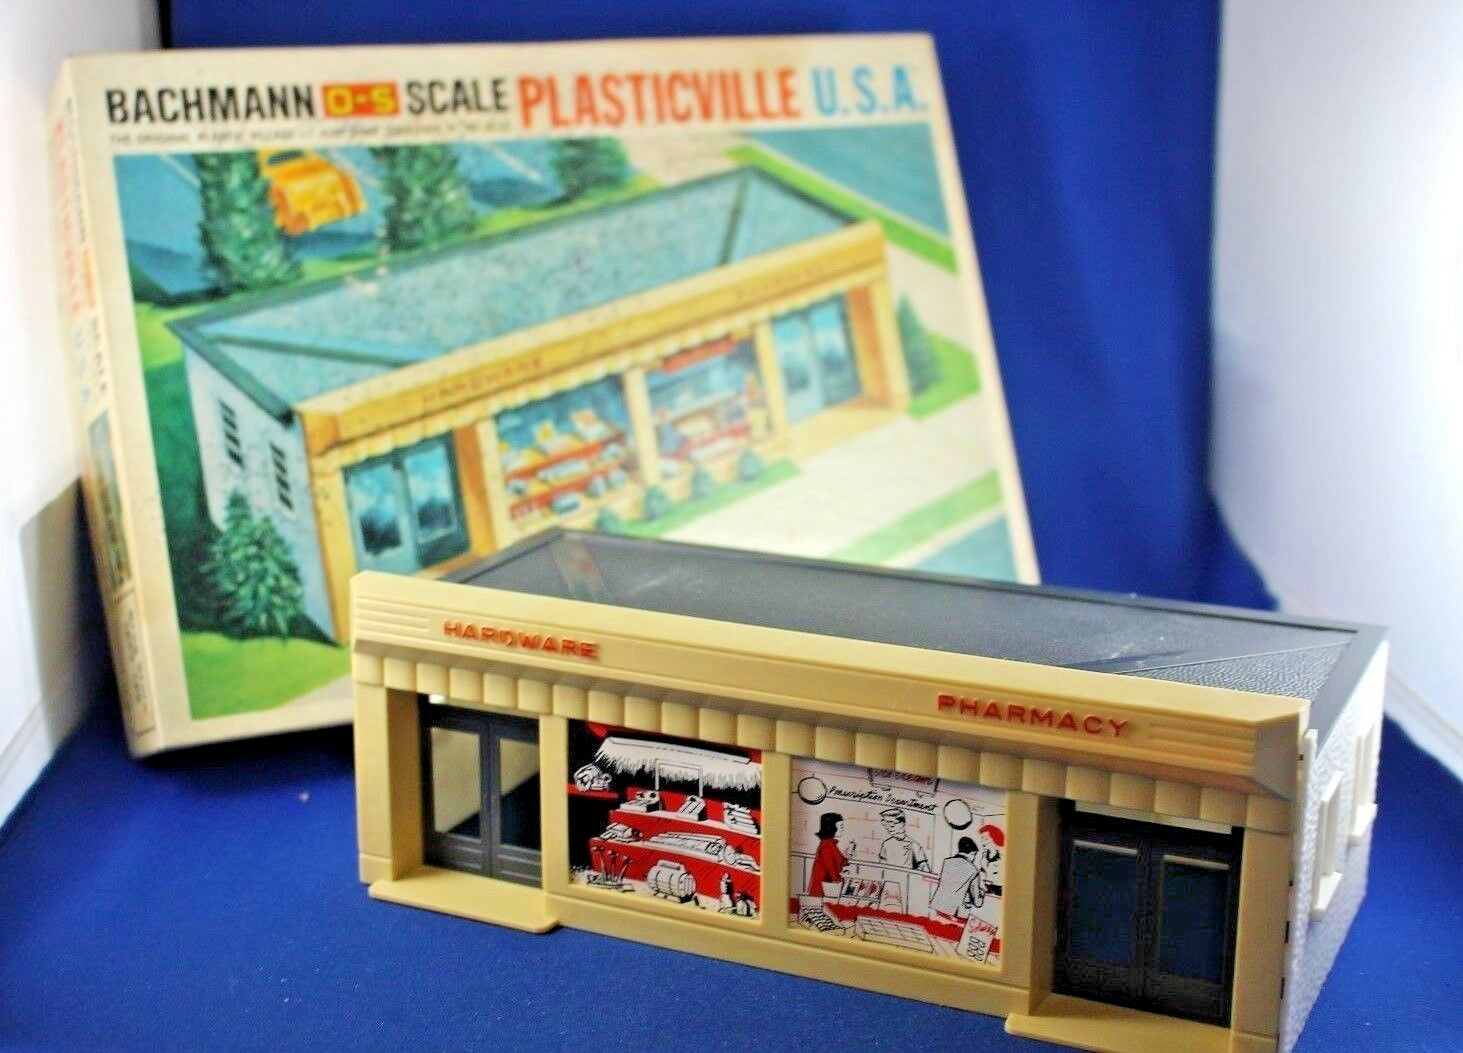 Plasticville-O-O27 -  1853-180 Tienda de drogas-Completo-duro encontrar lados blancoo